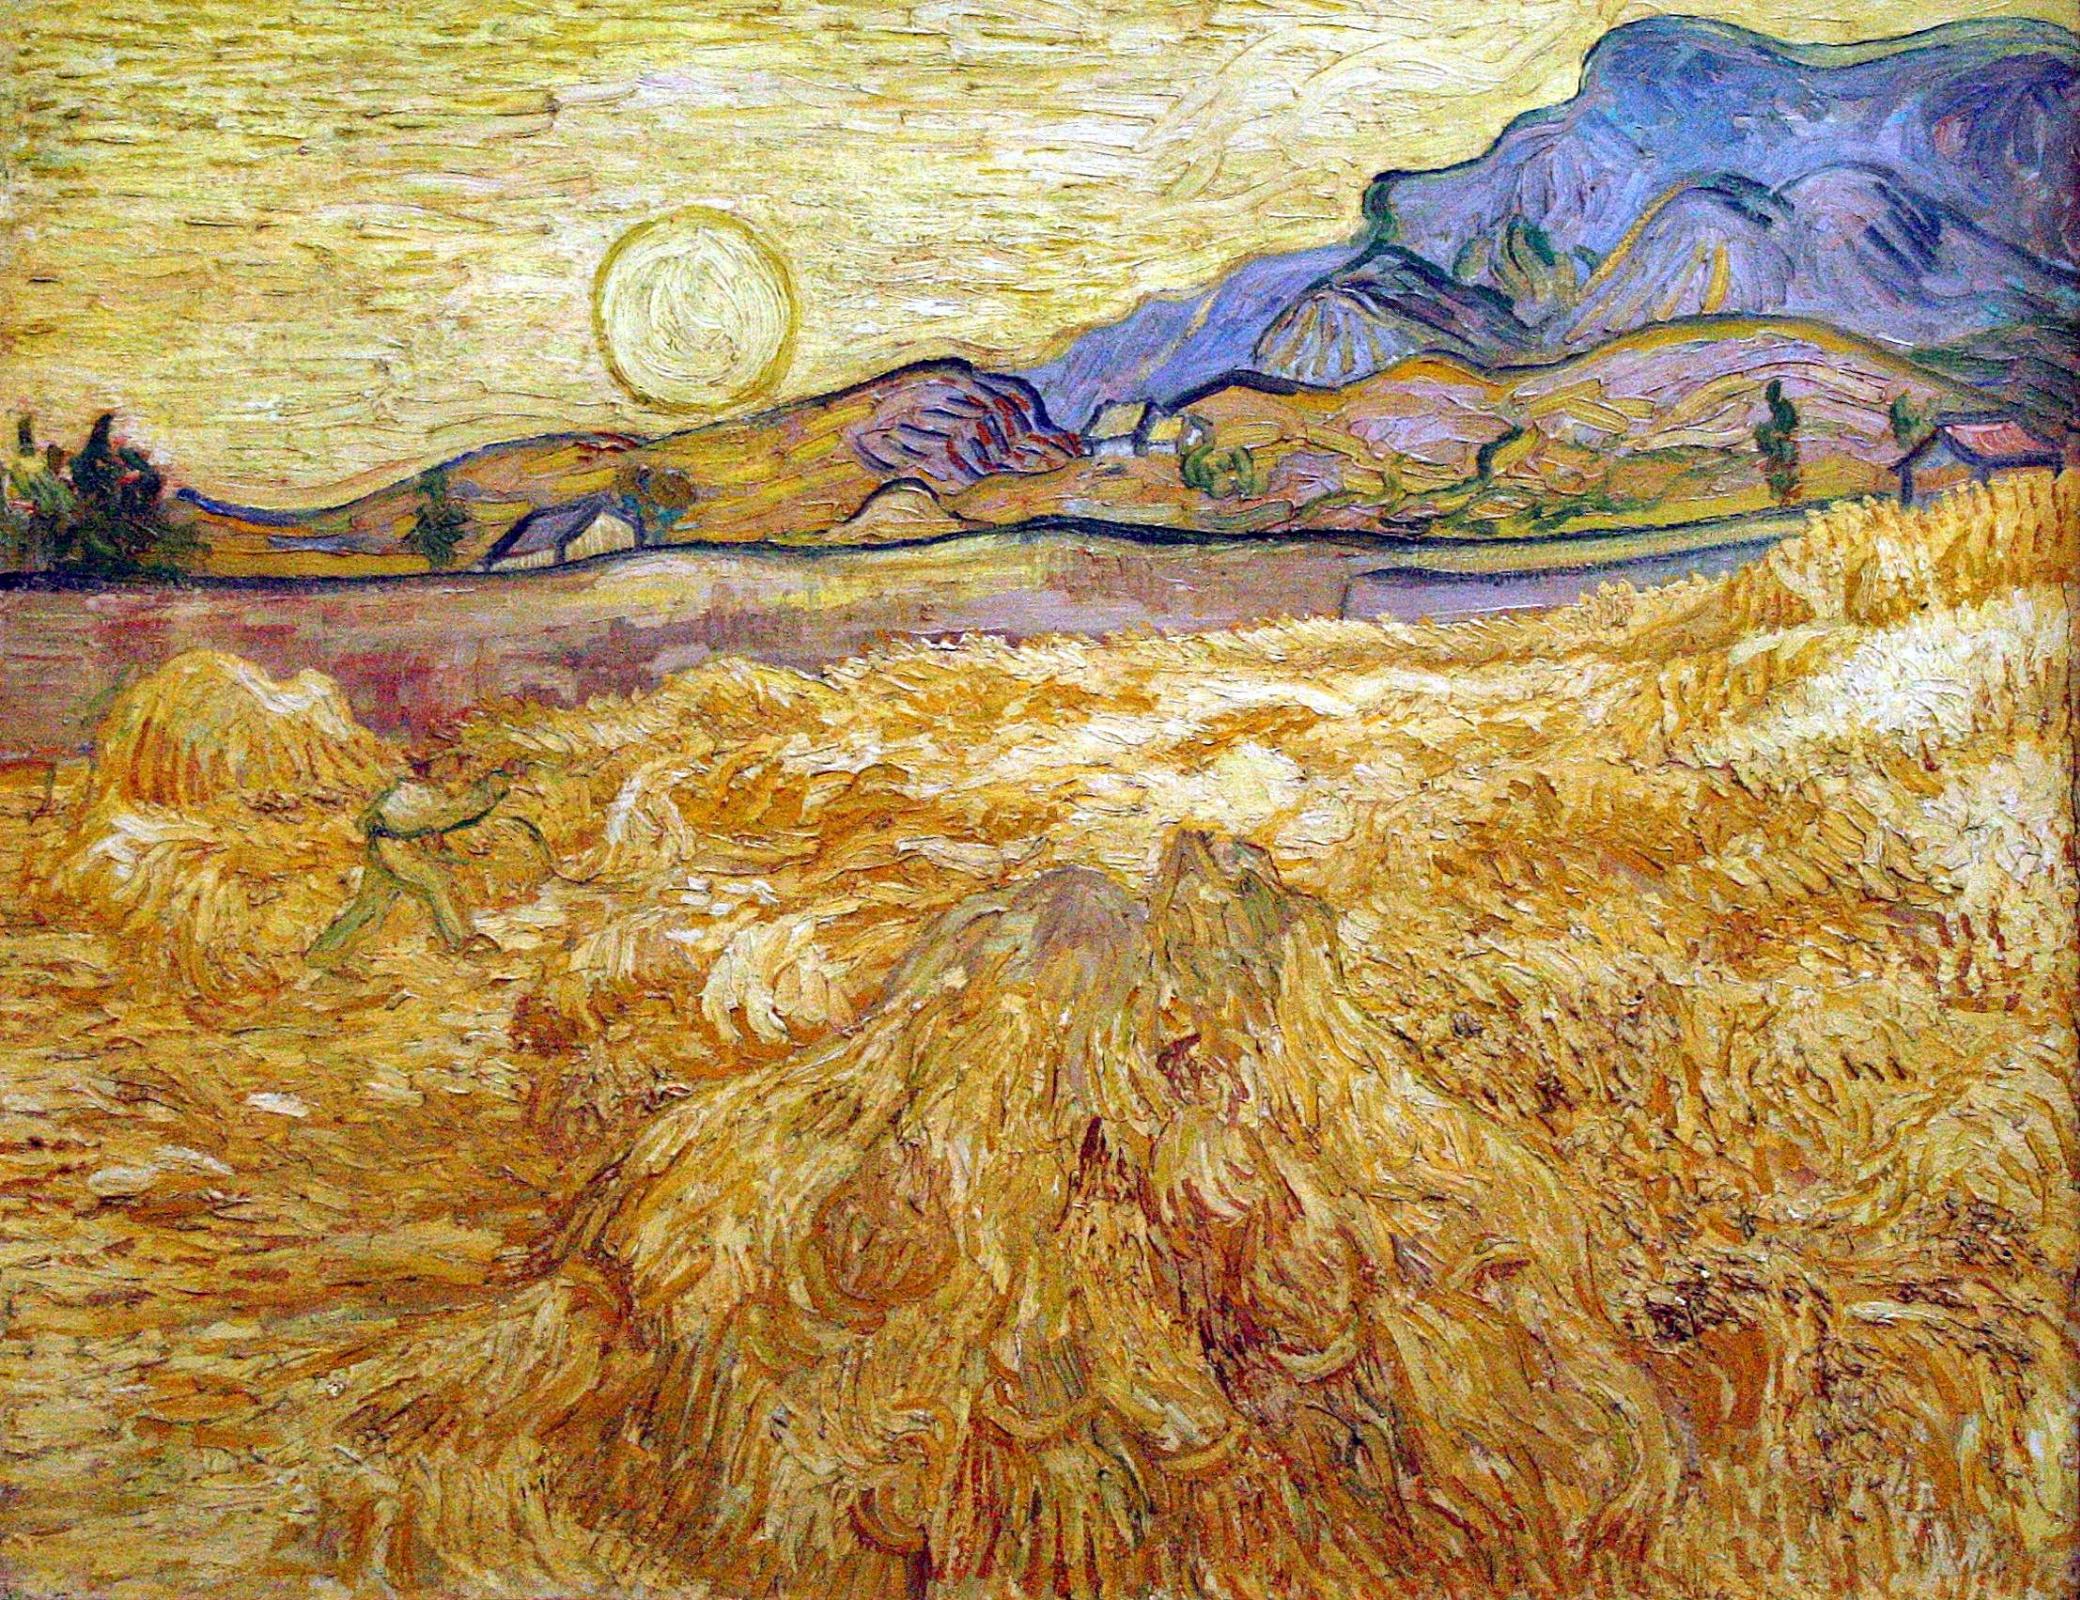 Винсент Ван Гог. Пшеничное поле с жнецом и солнцем